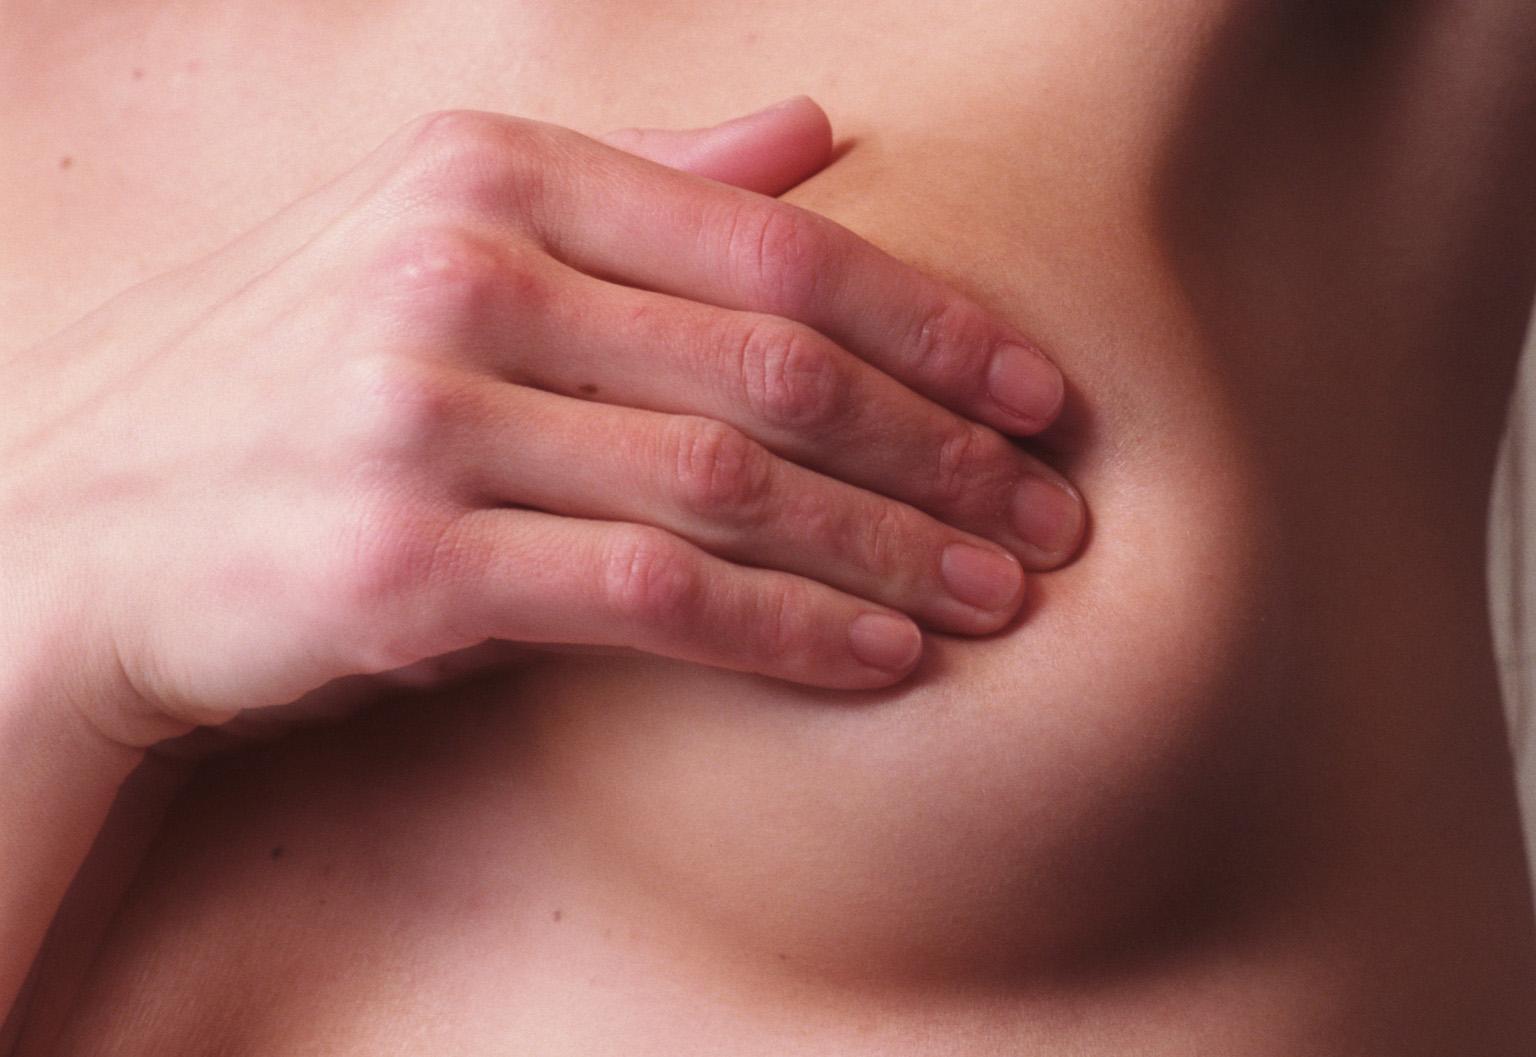 Investigadores españoles descubren un nuevo gen implicado en el cáncer de mama familiar